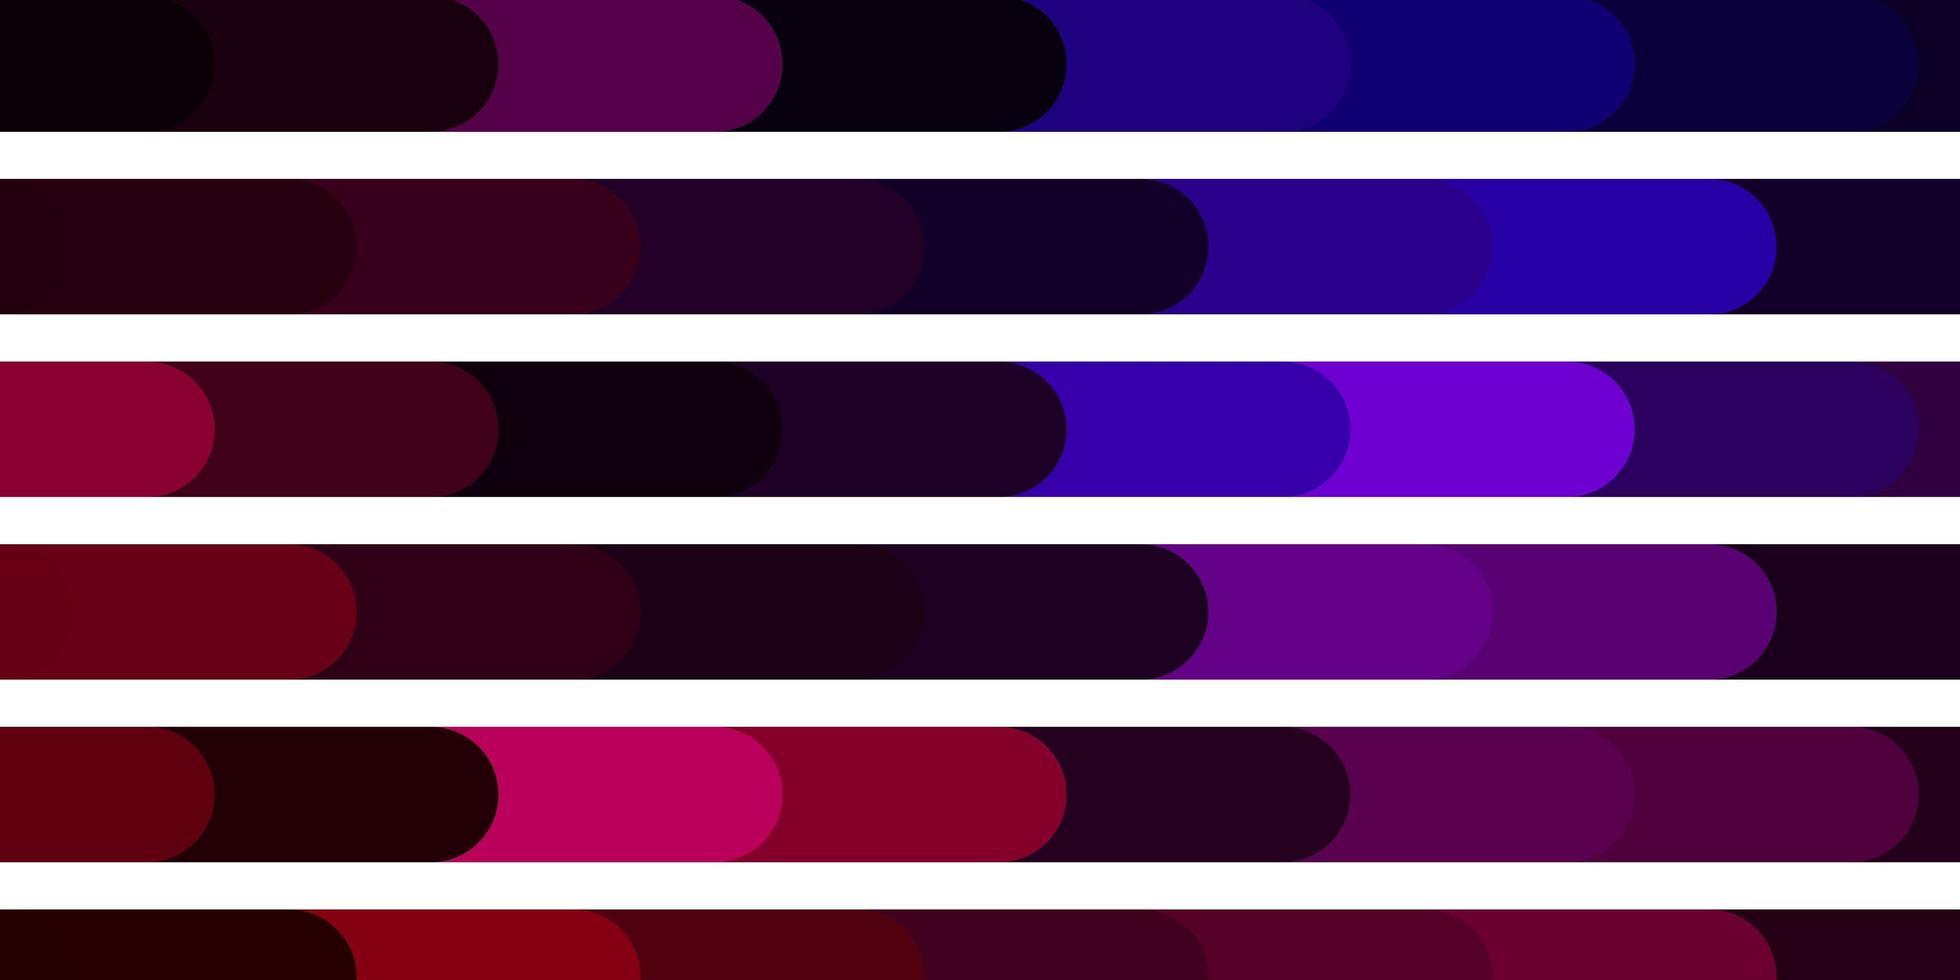 dunkelrosa, blaue Vektorschablone mit Linien. vektor